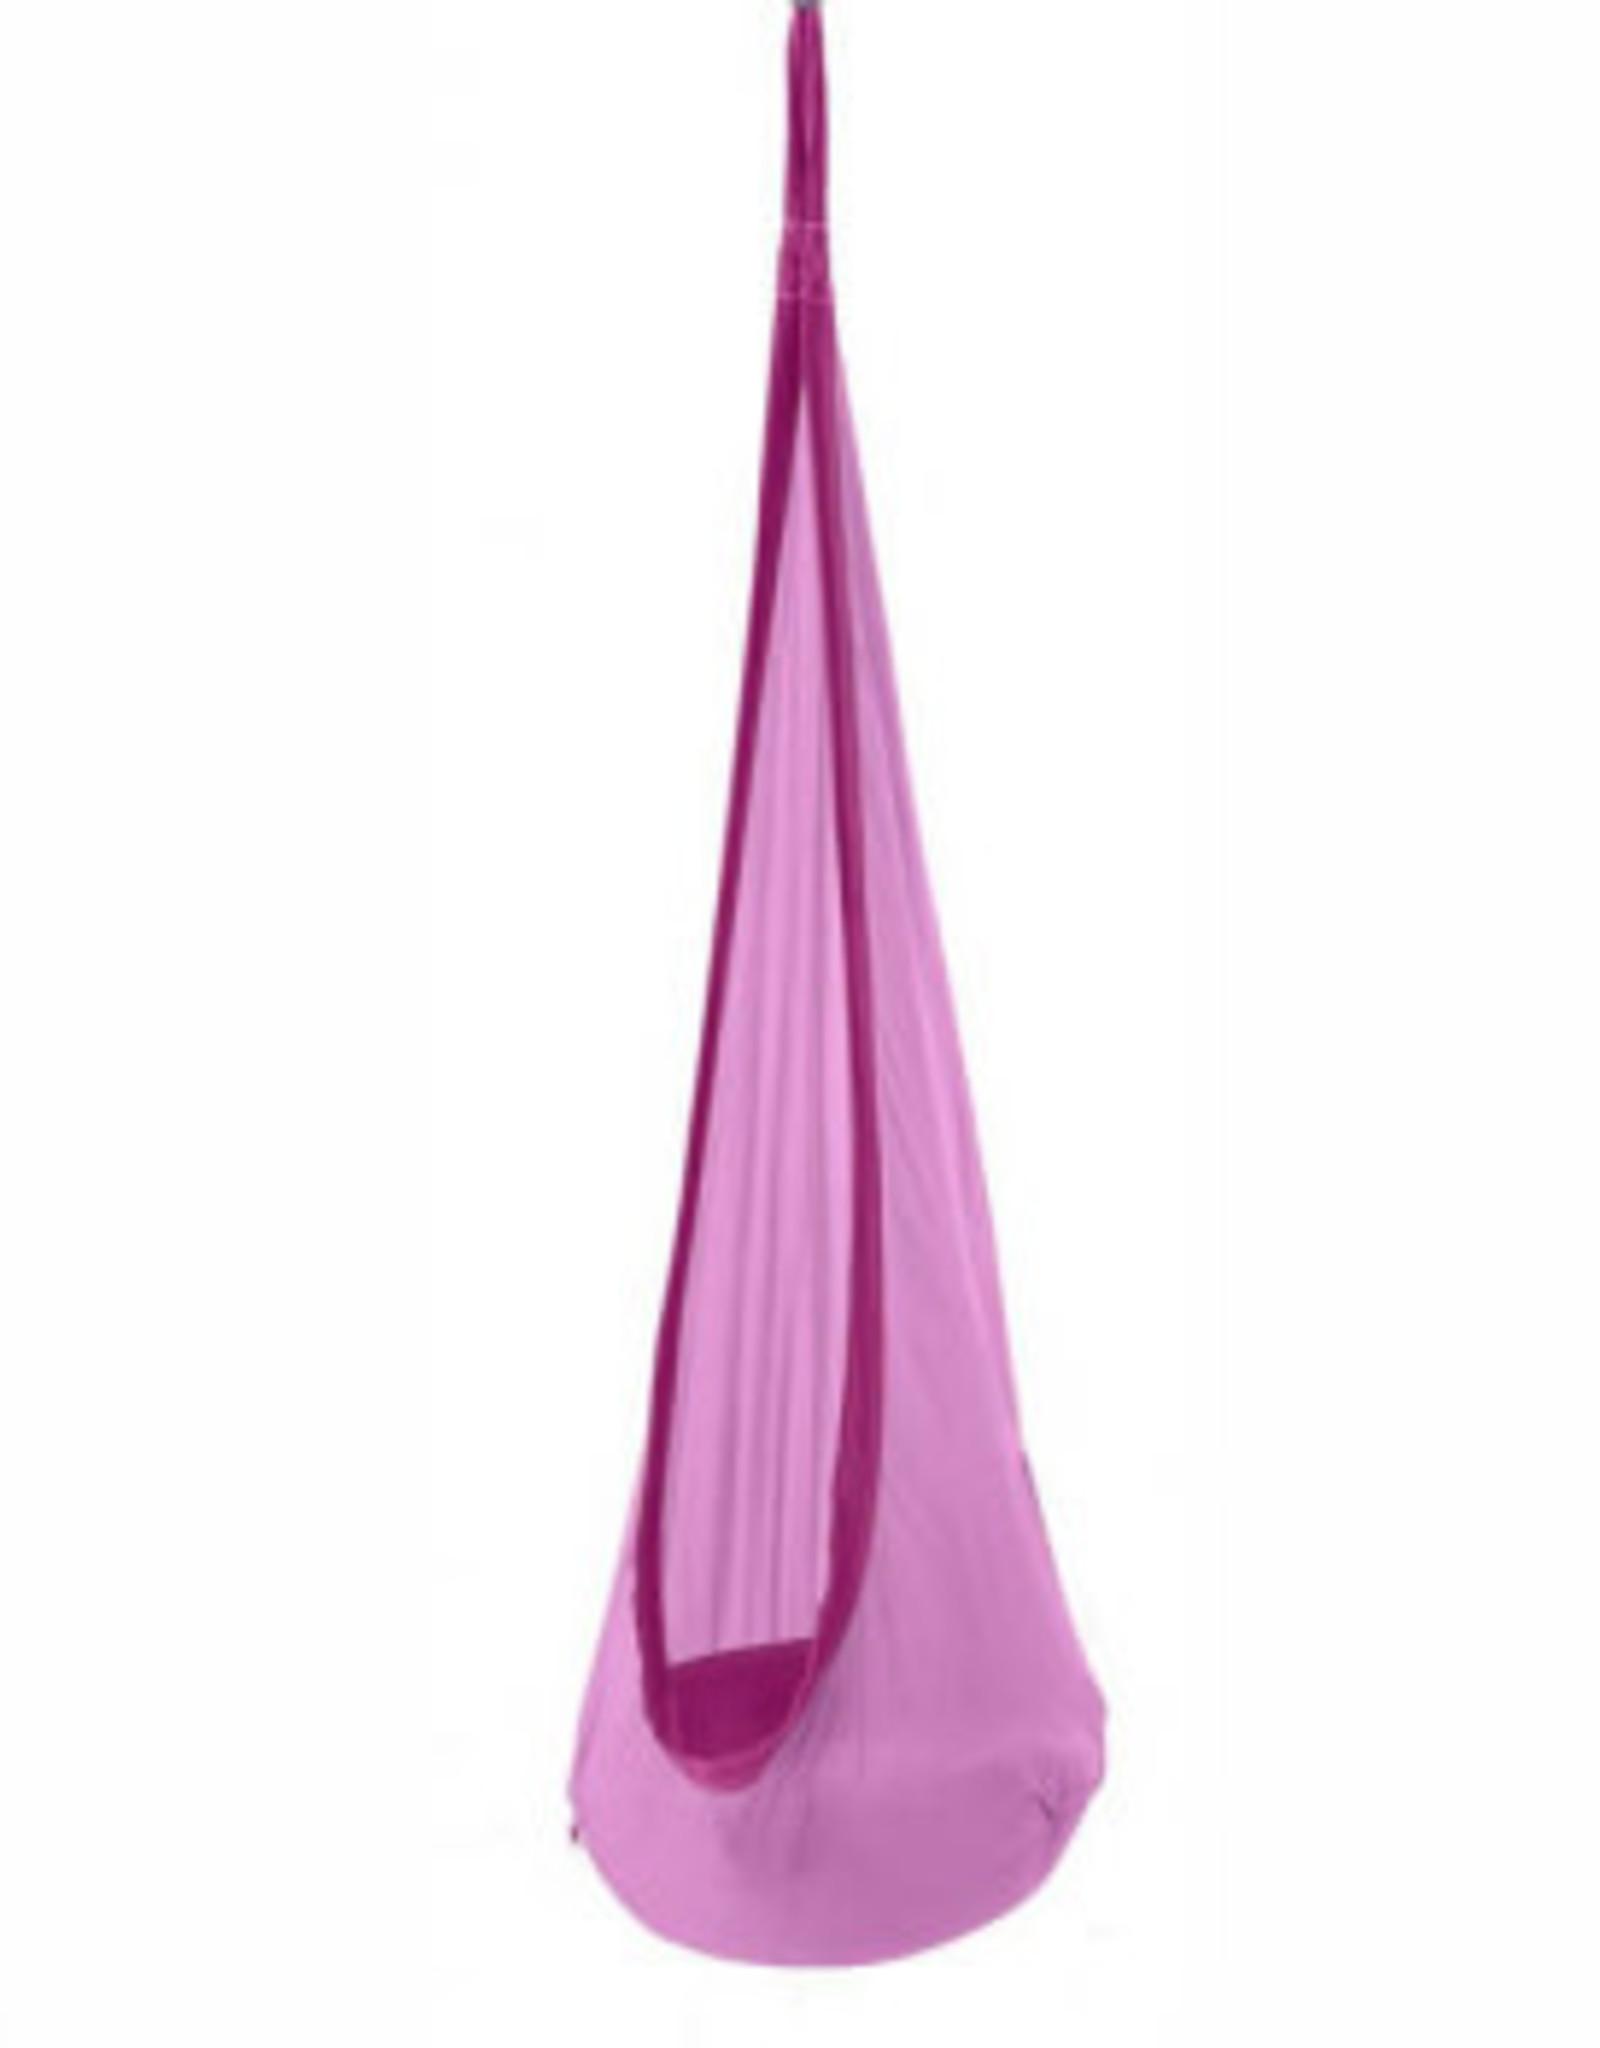 HugglePod HugglePod Lite Violet/Pink